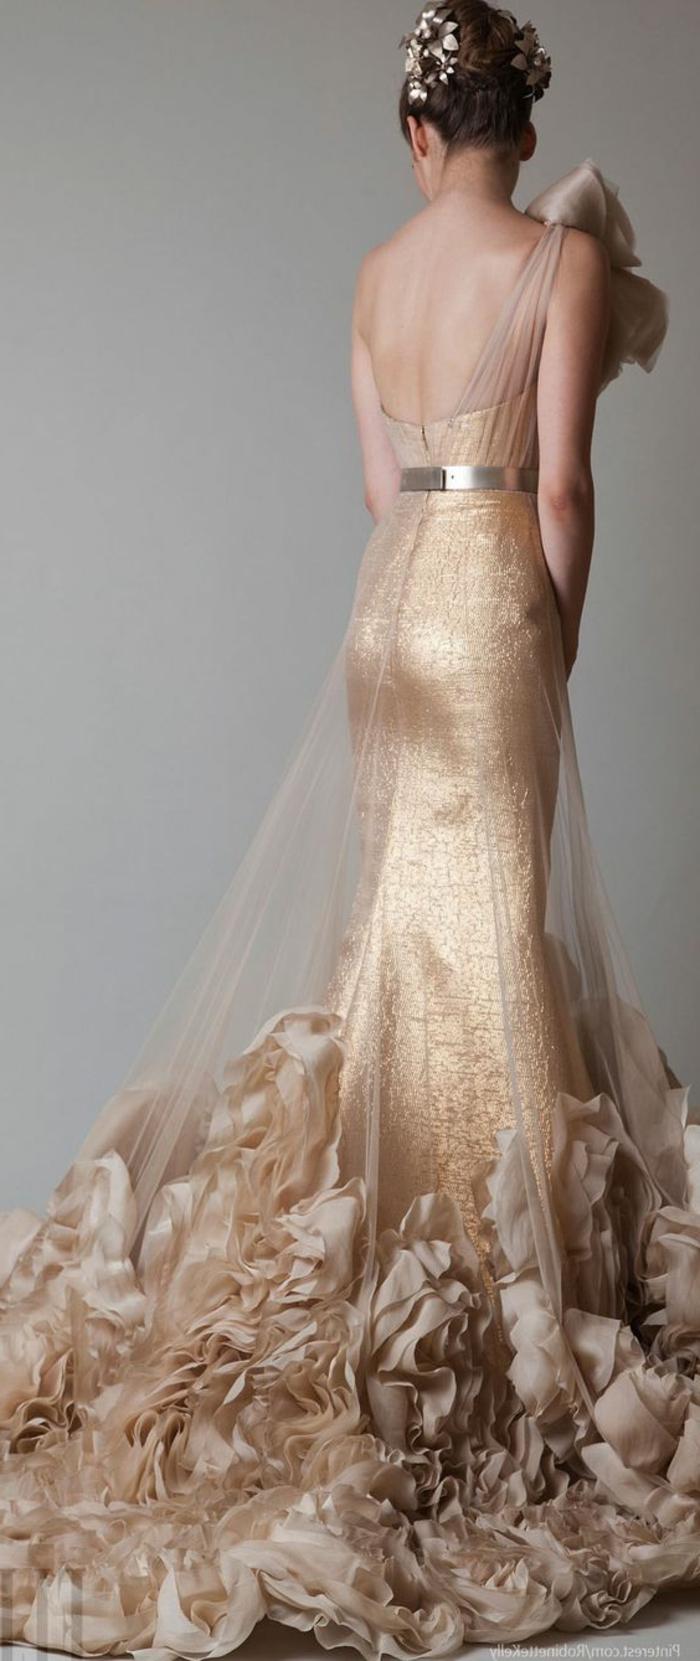 robe mariée couleur beige, chiffon et ceinture argentéen chignon accessoirisé